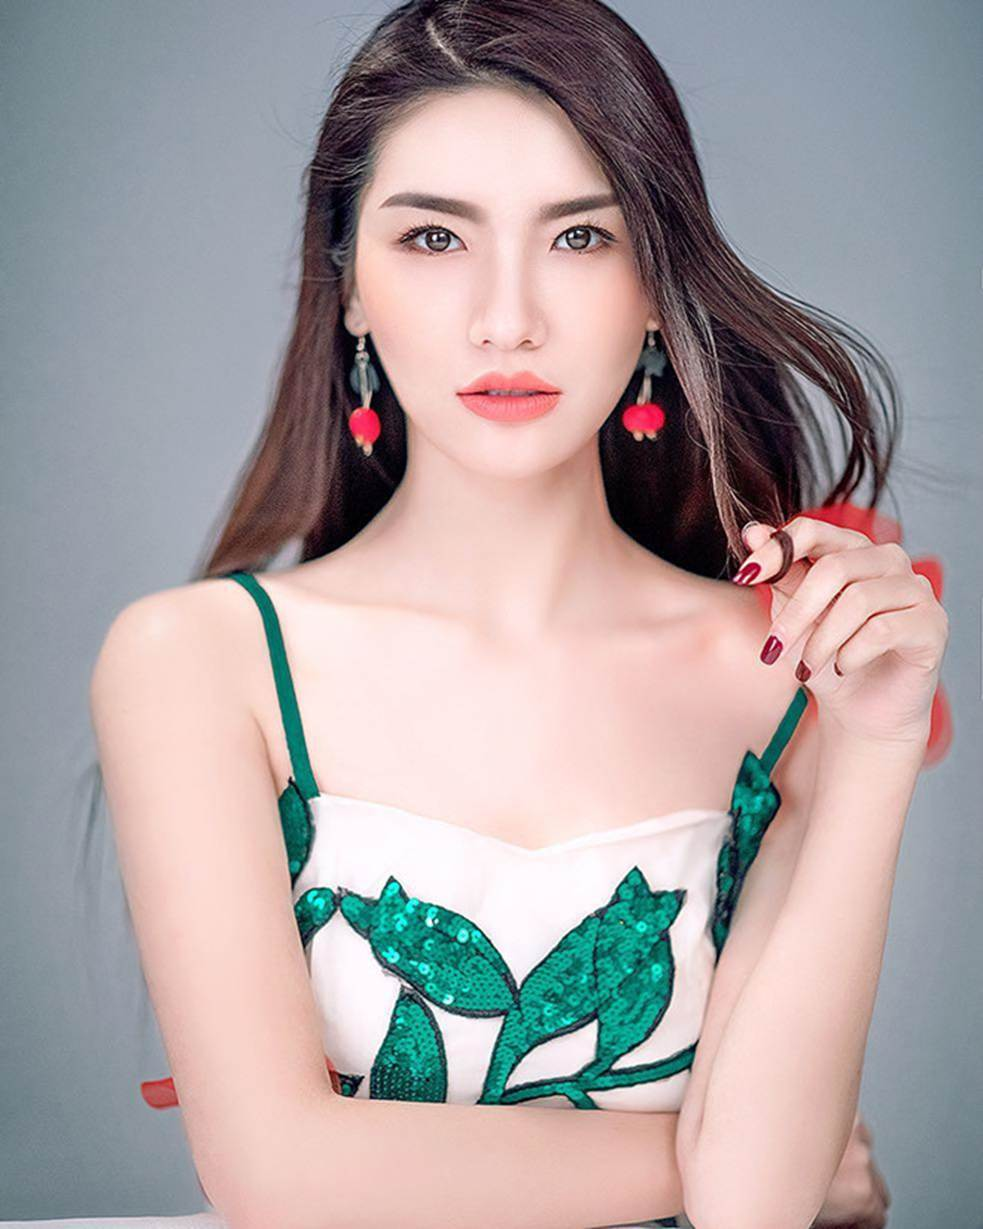 Hoa hậu xấu nhất lịch sử Trung Quốc đẹp rực rỡ 6 năm sau đăng quang-4